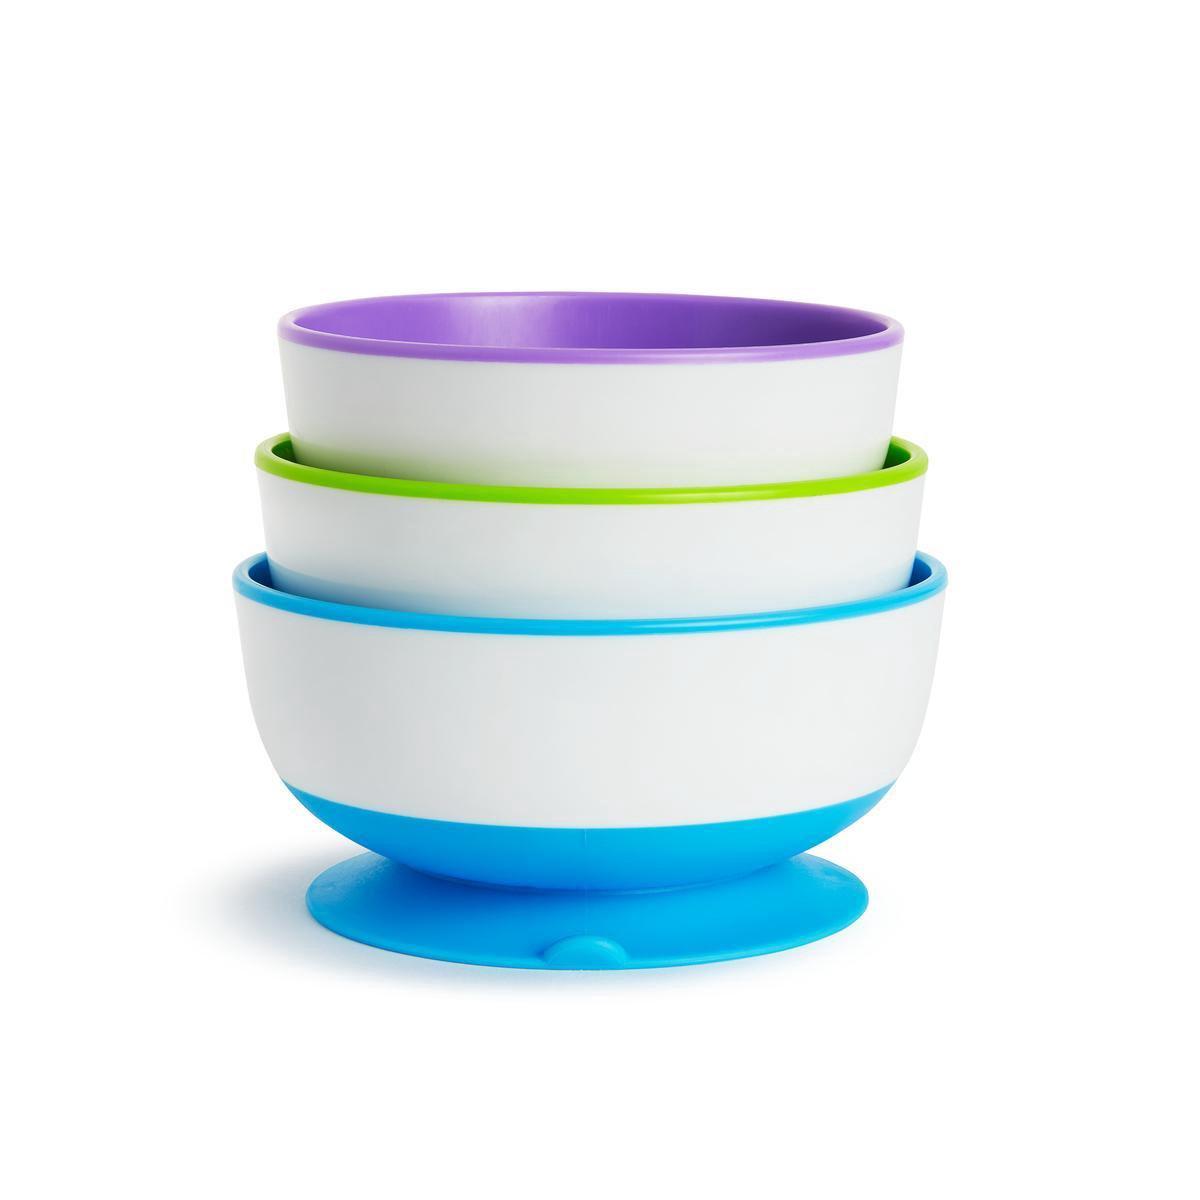 Munchkin Eet Kommen - Met zuignappen - 3 Stuks - Paars/Groen/Blauw